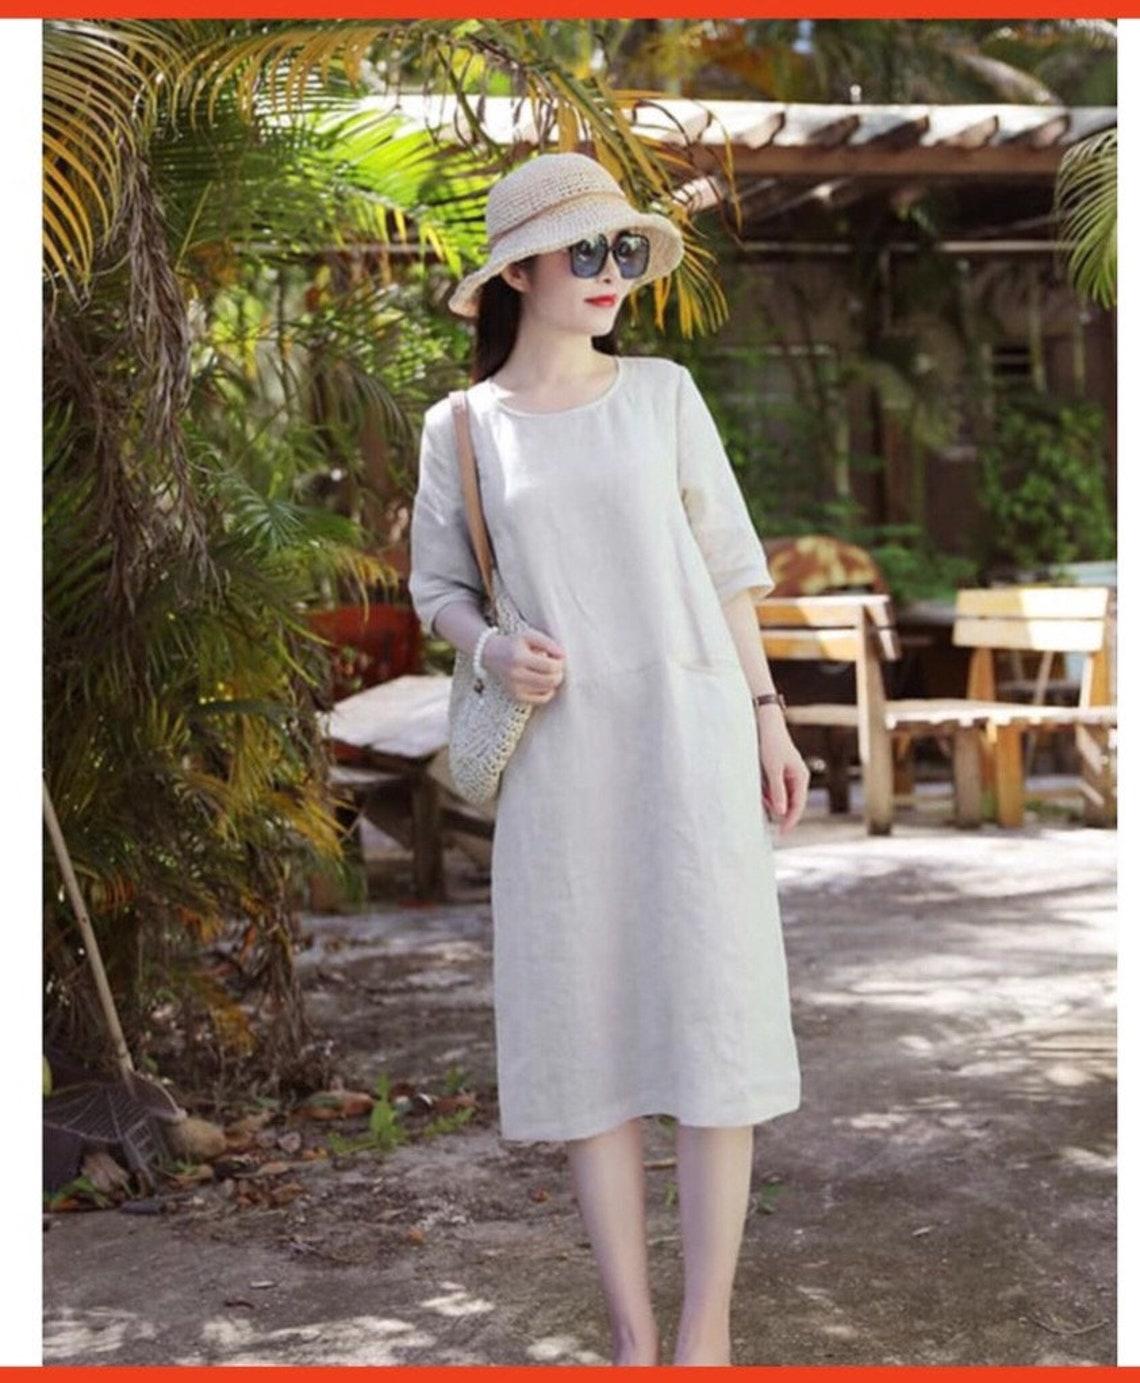 Linen dress / Summer dress / Simple linen dress / Tank top